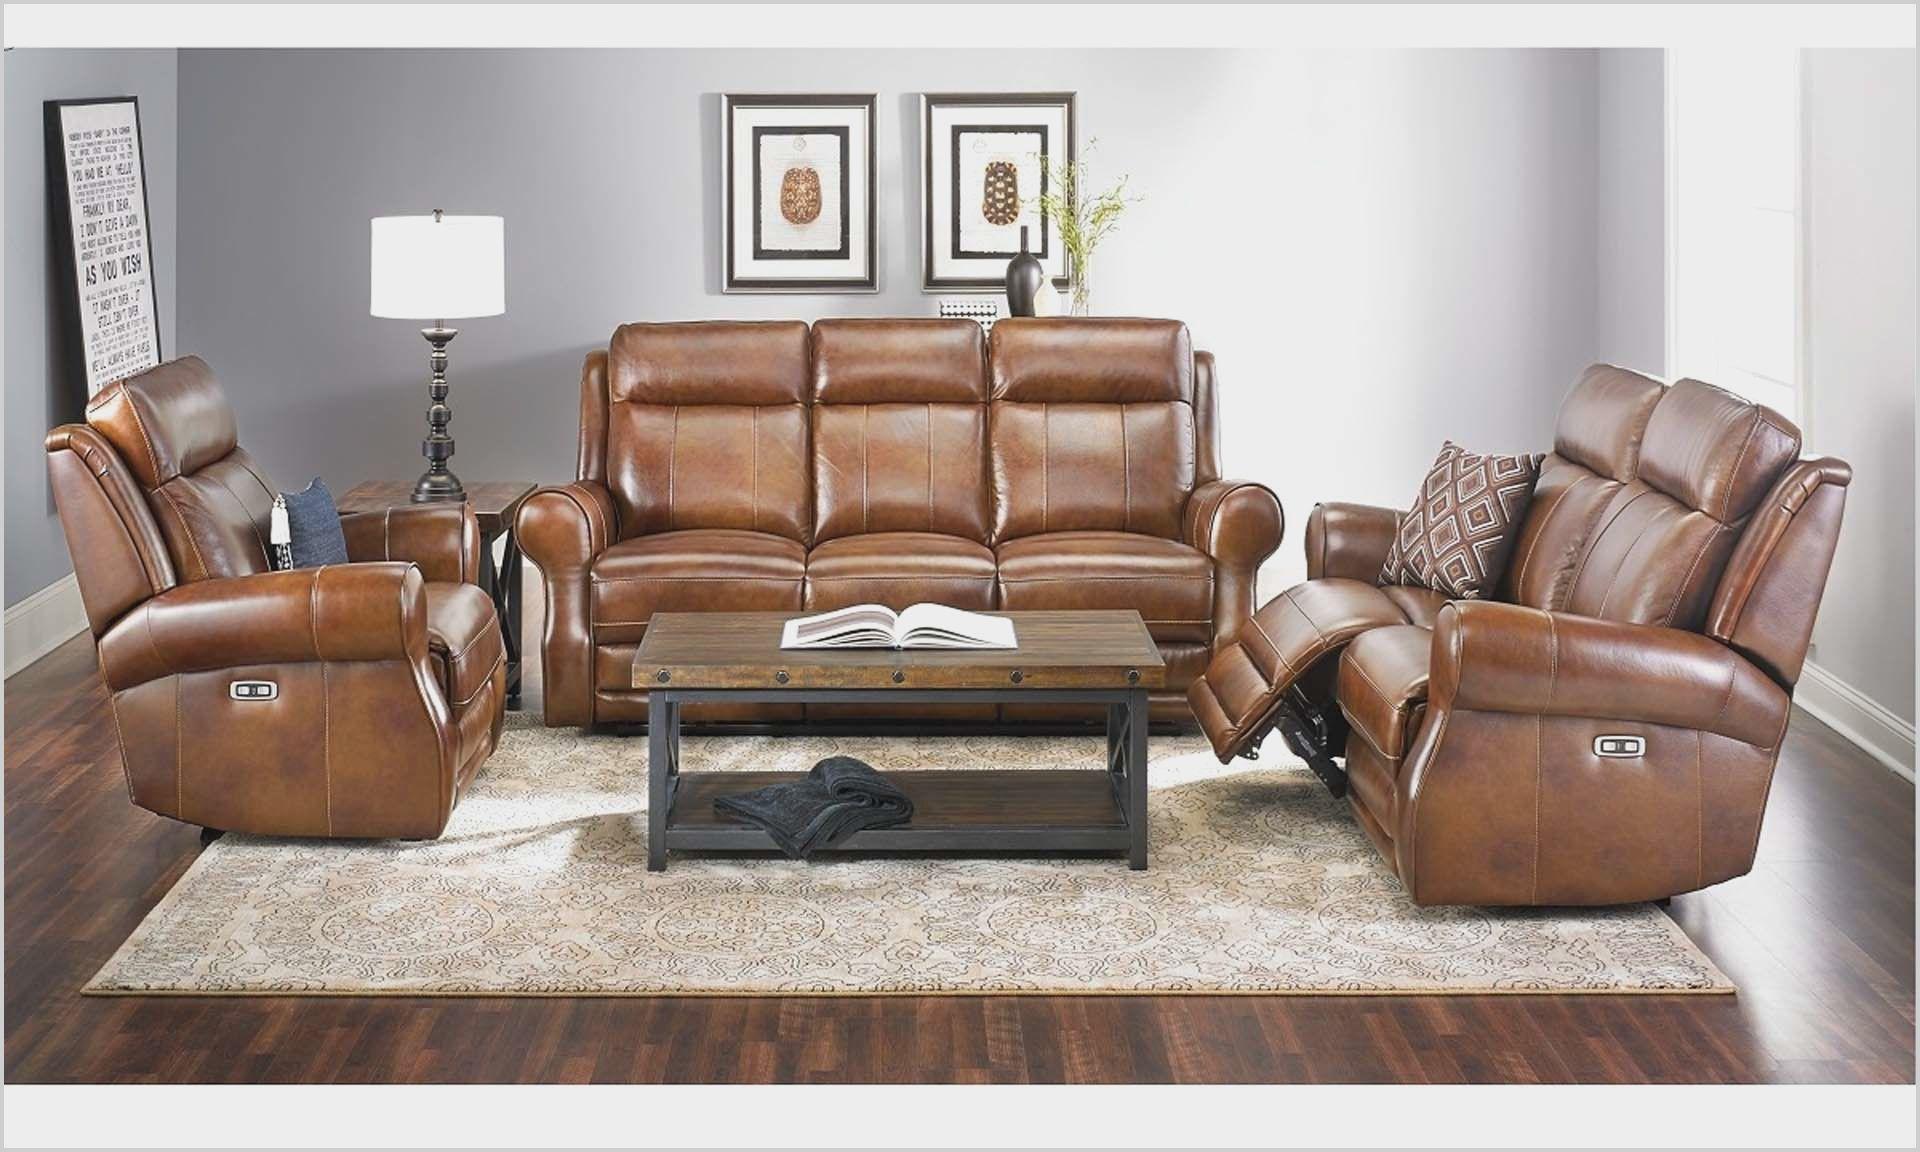 Bel Furniture Leather Living Room Sets Living Room Leather Leather Living Room Set Leather Sofa Living Room